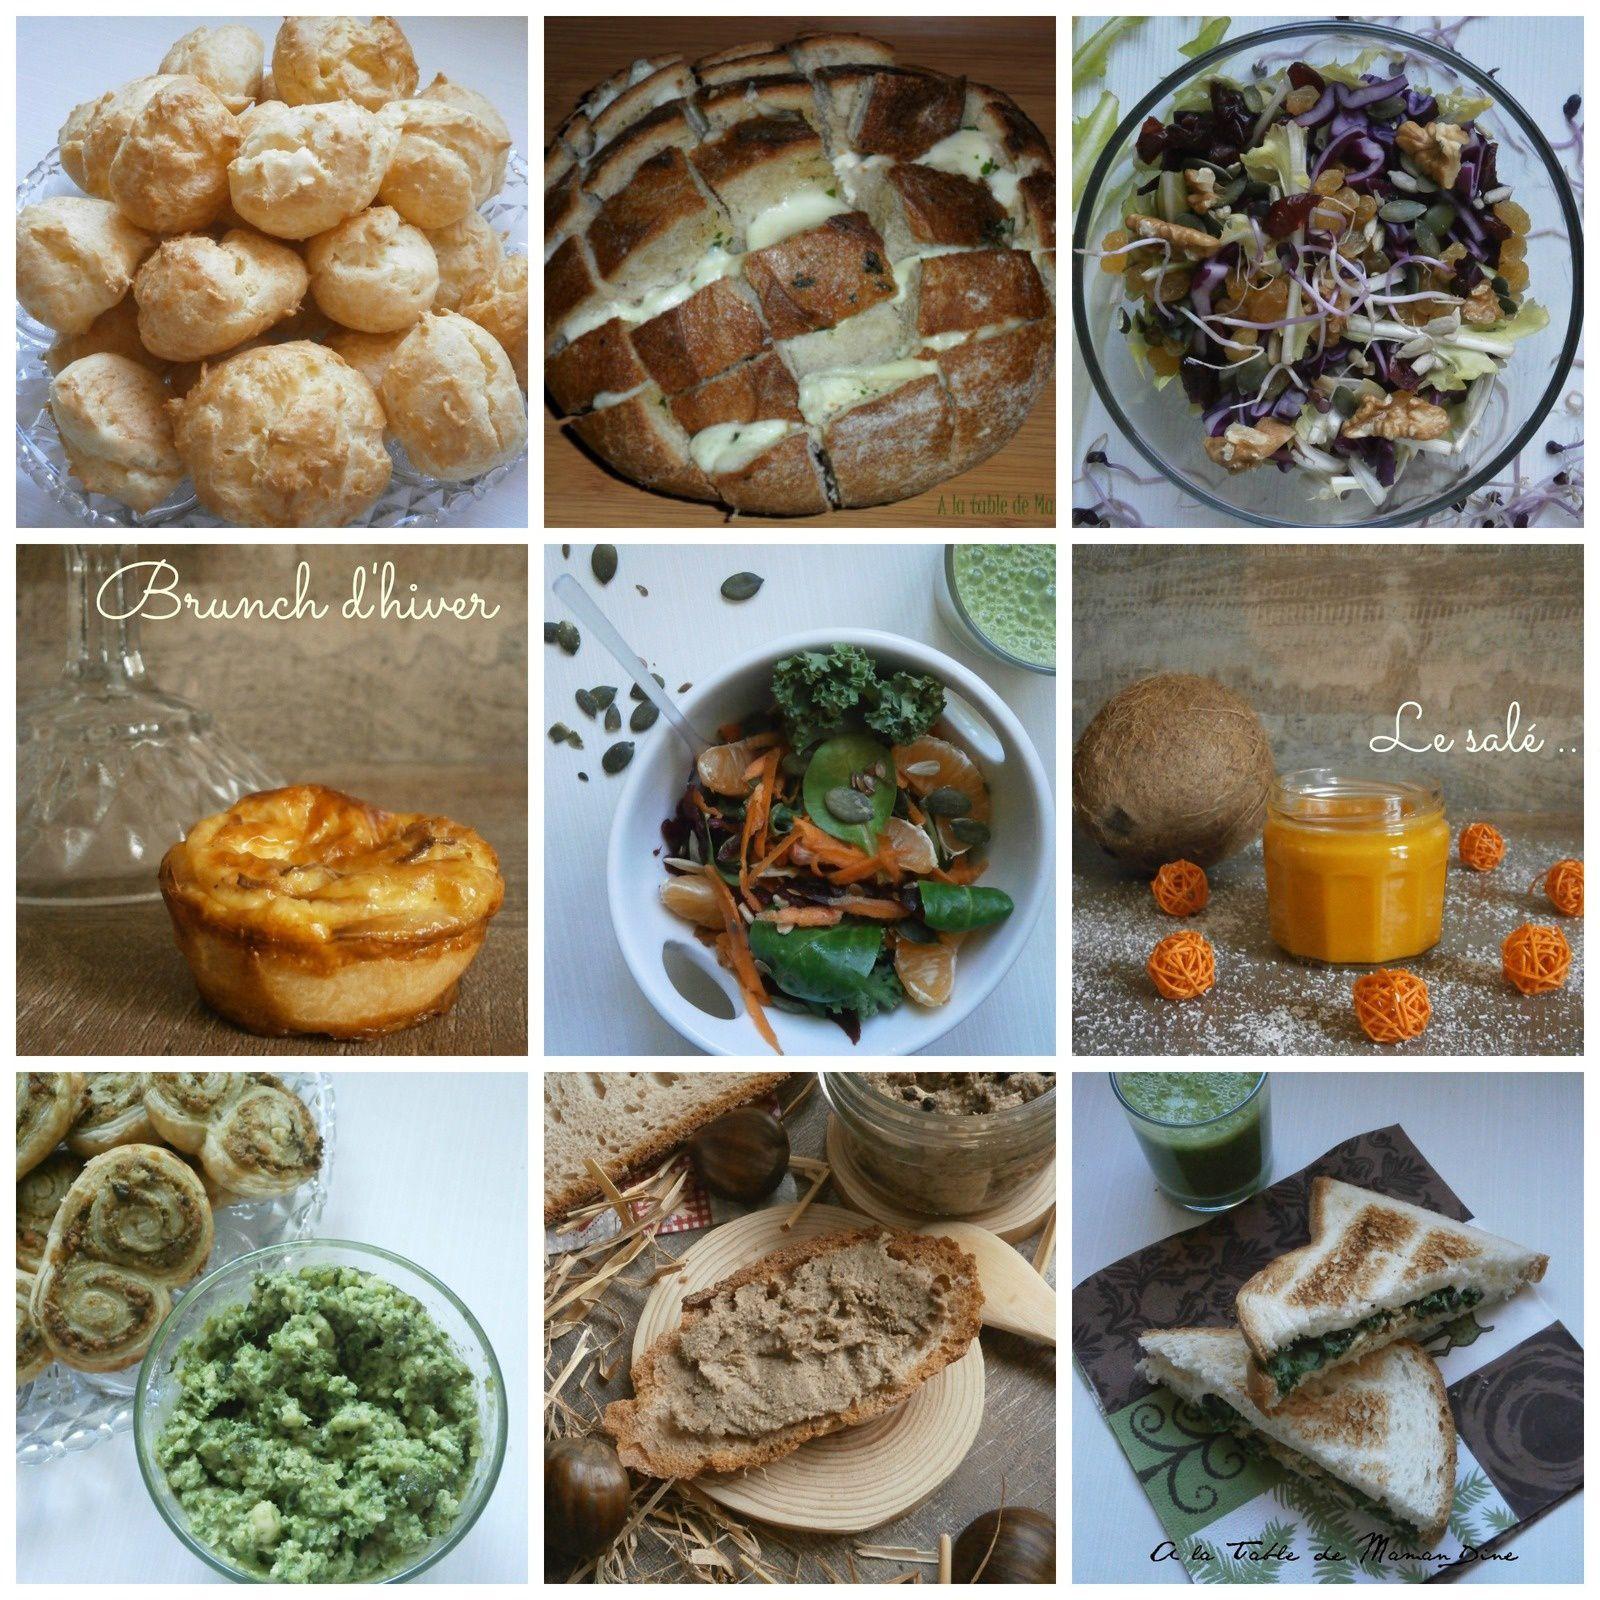 Brunch d'hiver ~ Végétarien & Végétalien ~